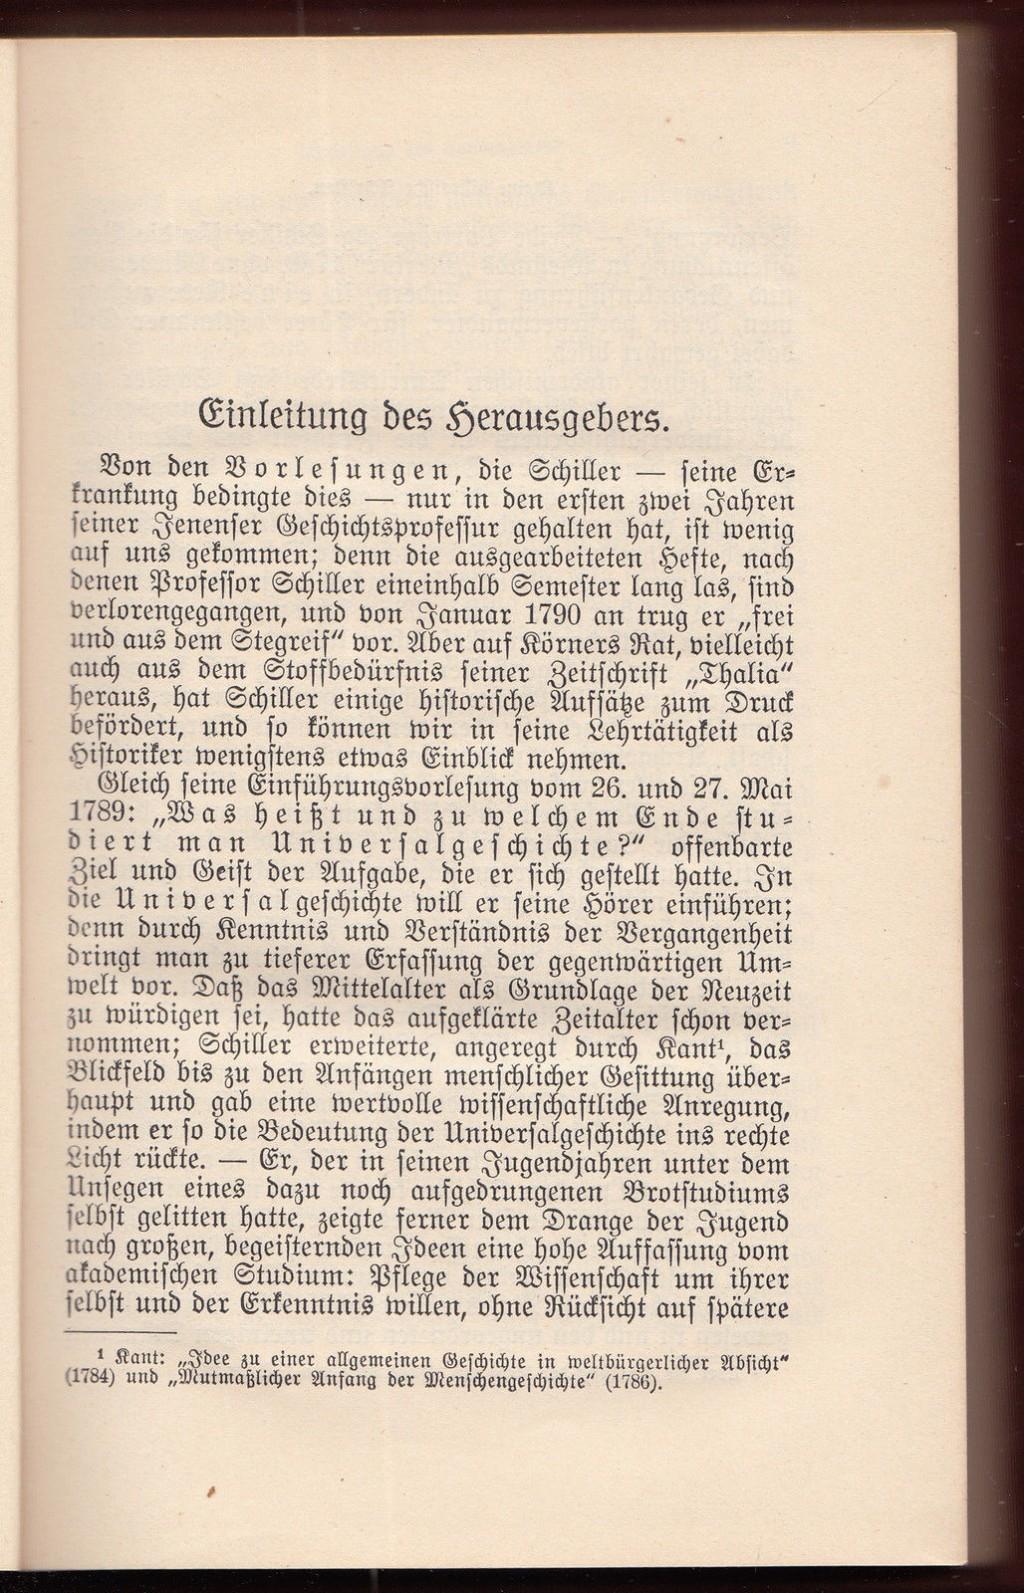 013 Essay Example Schiller Essays Friedrich Schriften Vol Werke Ger Philosophy History Awful Large